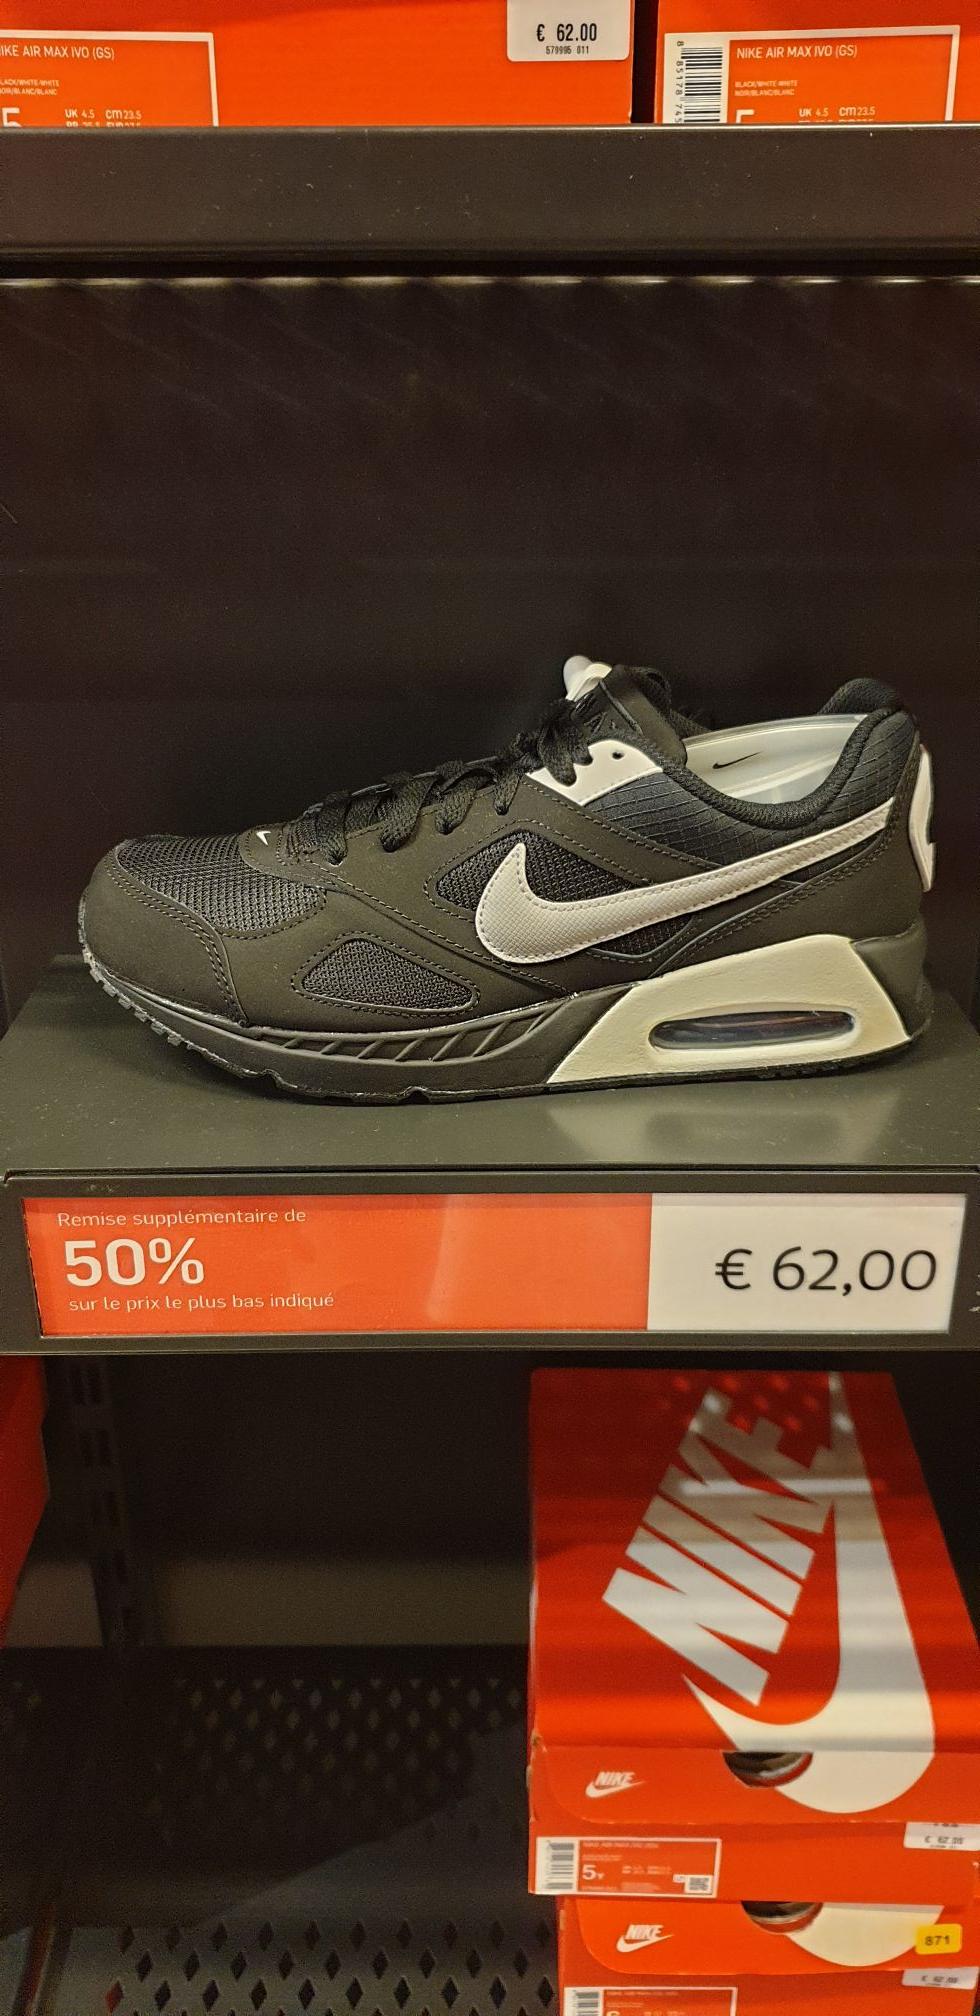 50% de réduction sur une sélection d'articles - Nike Store Begles (33)